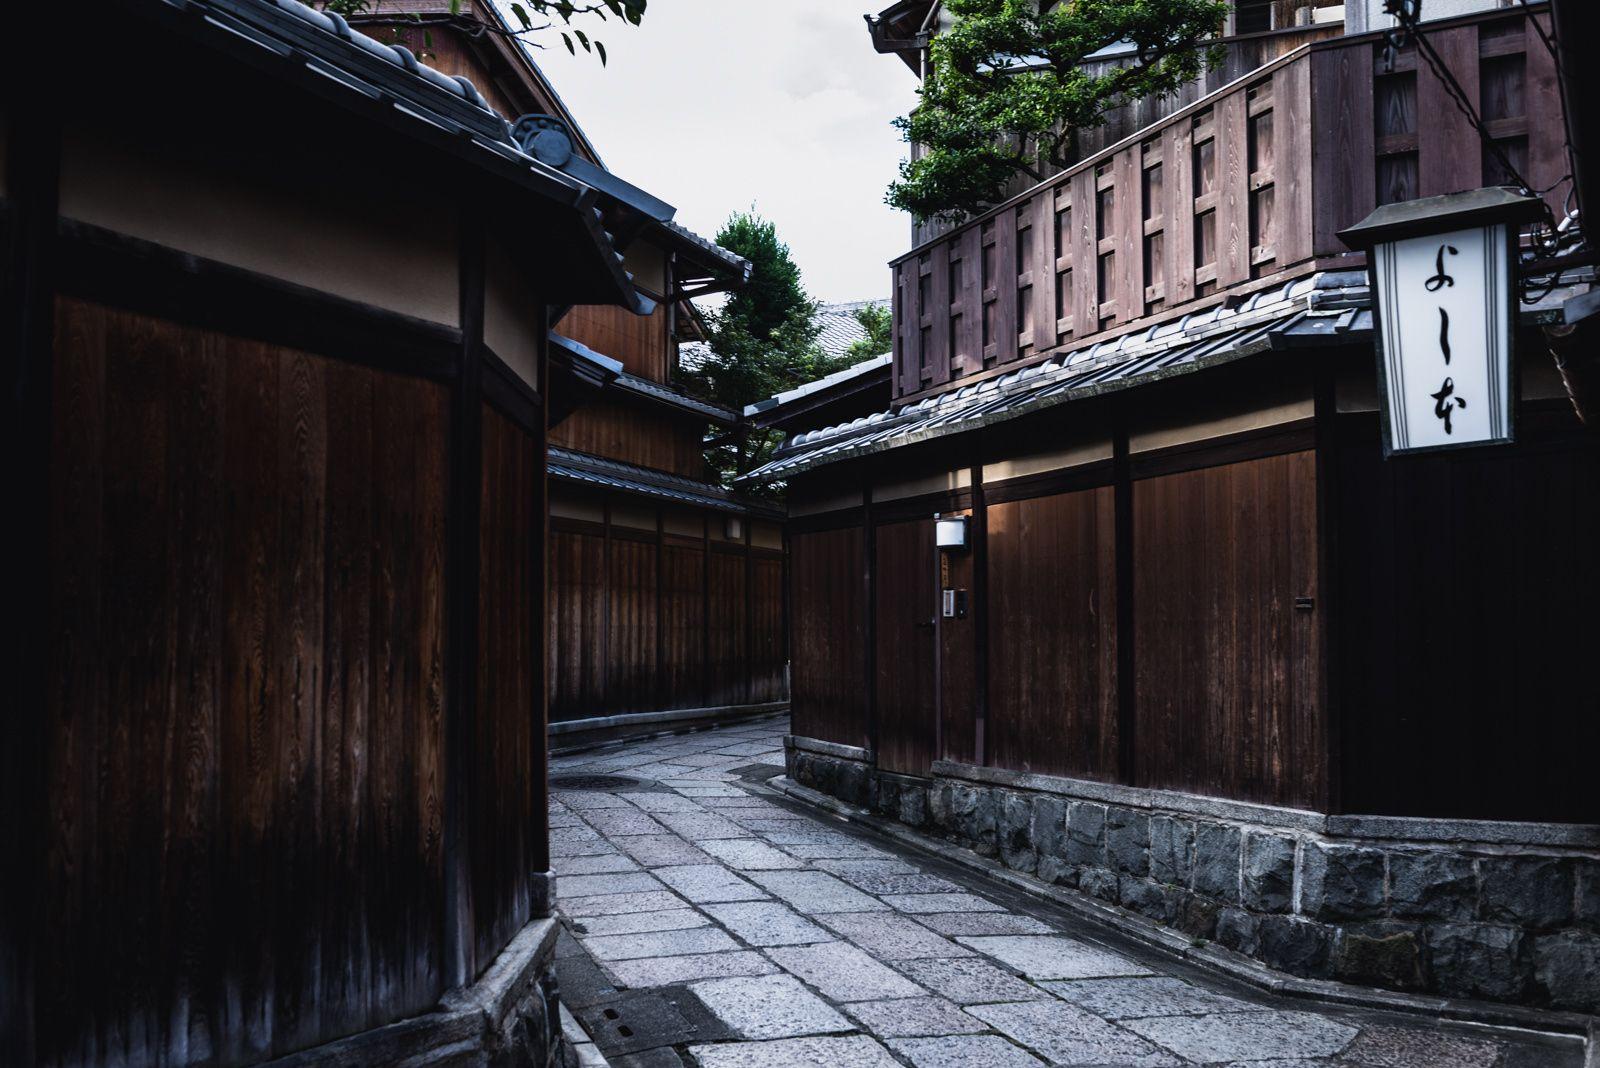 ishibe-koji street, kyoto. -